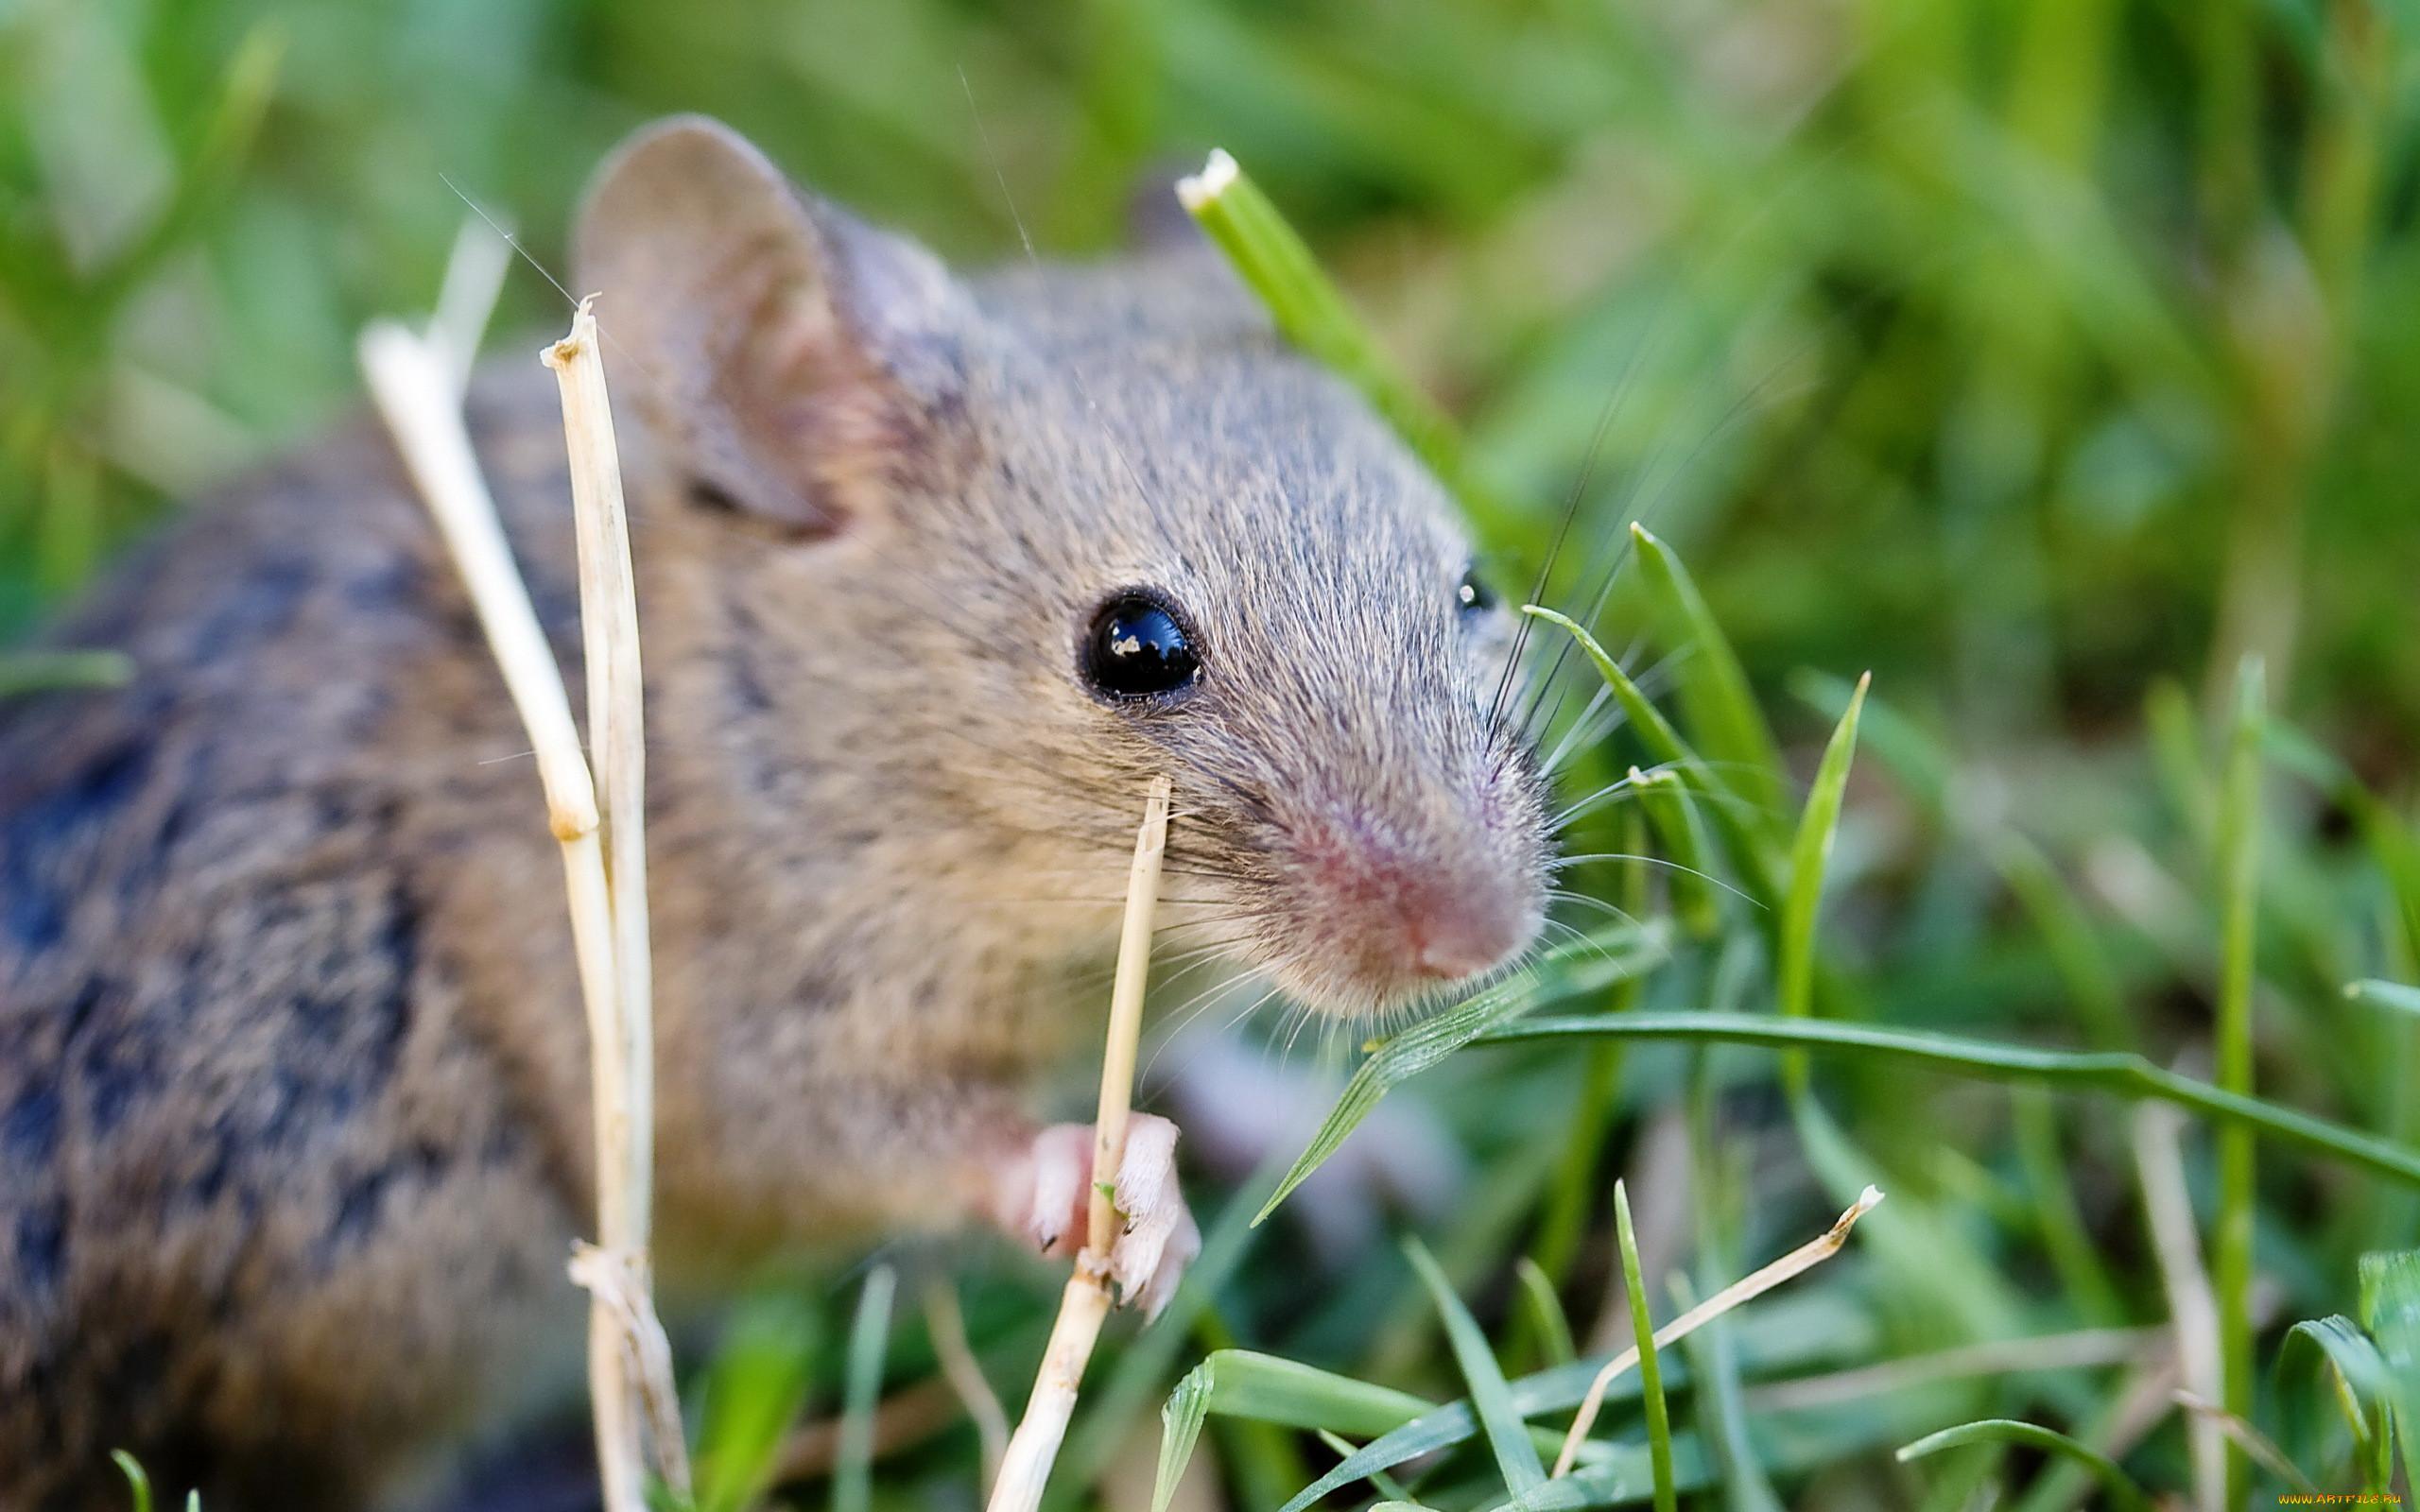 плетение картинки мышей в спб задача реалистичное изображение